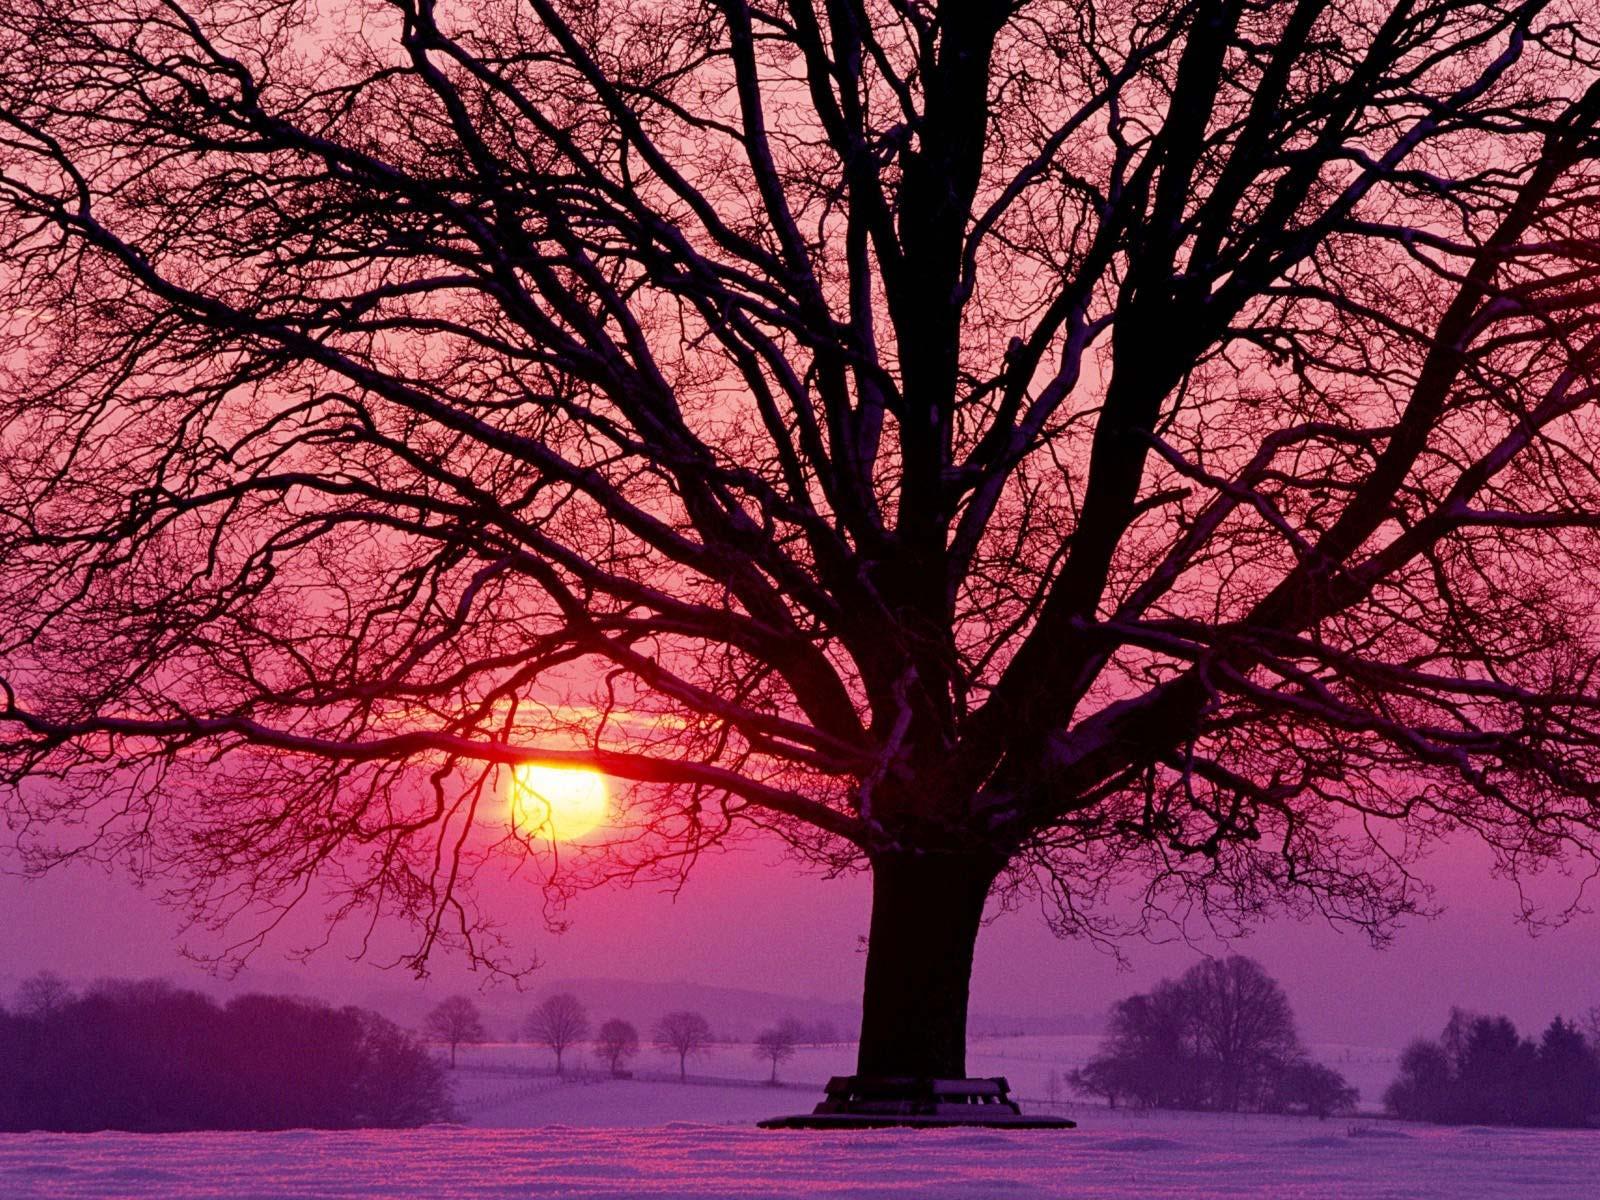 Imagini pentru ramuri soare